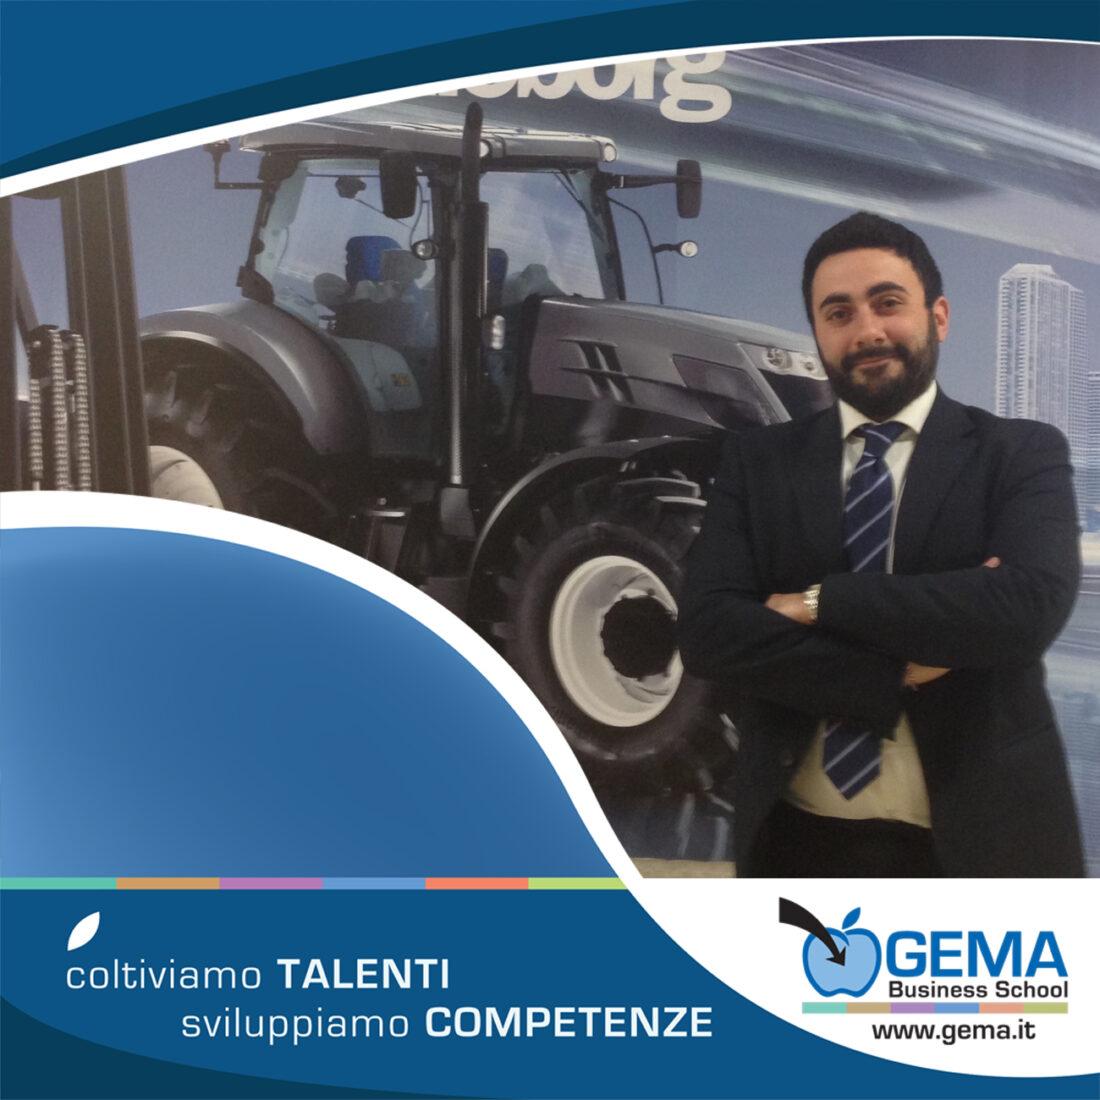 Il Master GEMA in Risorse Umane: l'opinione e l'esperienza di Valerio Crisostomi